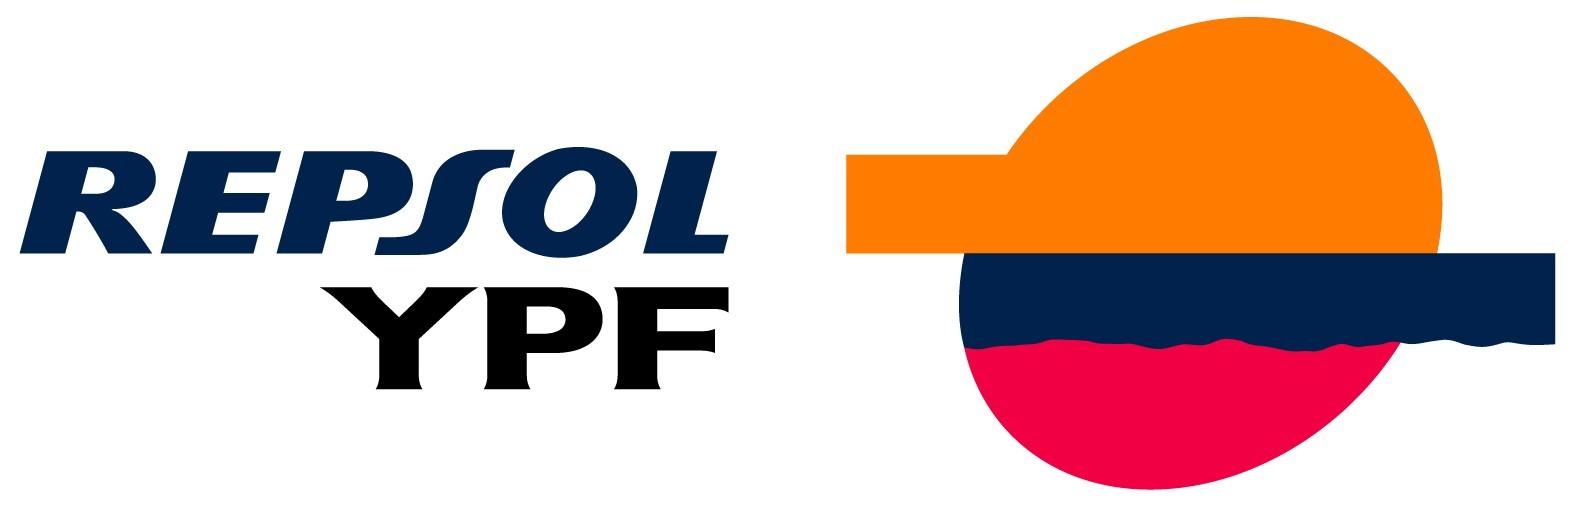 Ajustamos Repsol a 21.26€